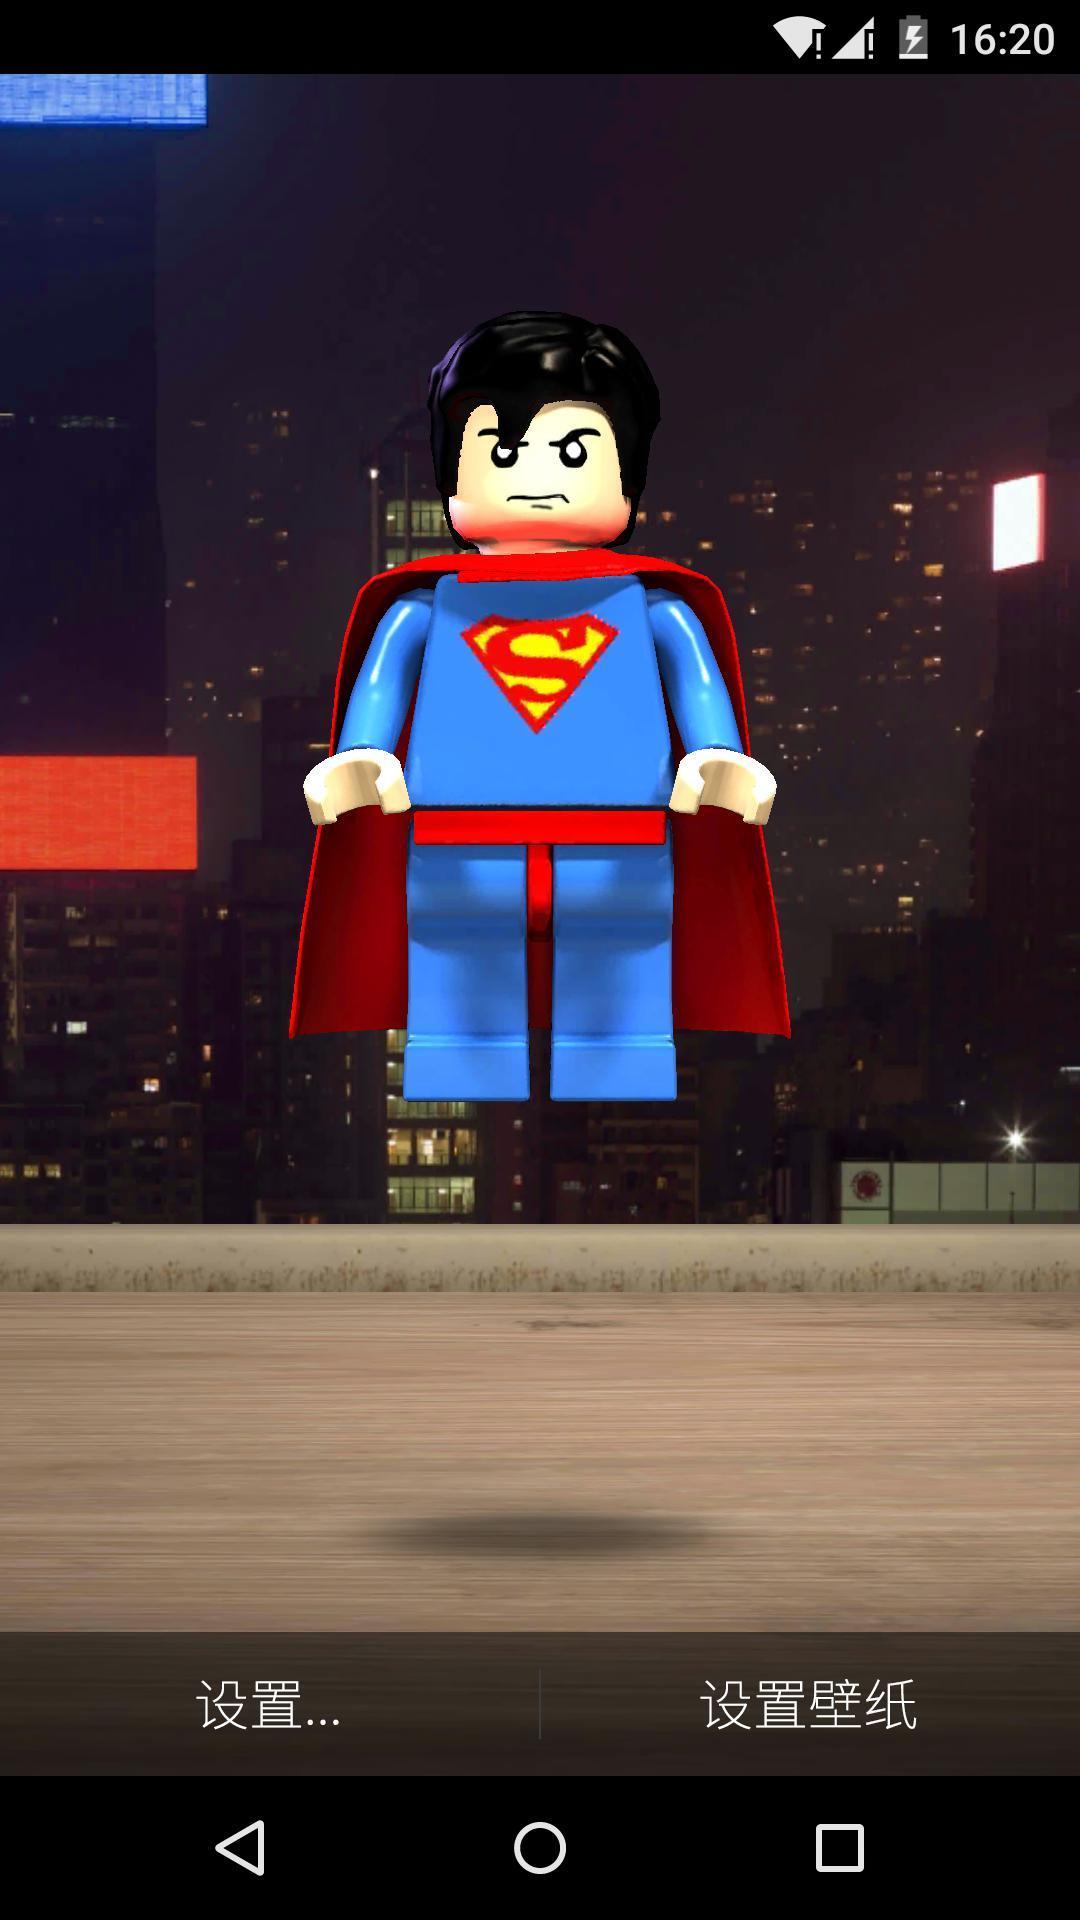 3D小超人梦象动态壁纸是一款以超人为主要... 3D小超人梦象动态壁纸是一款以超人为主要元素的动画类动态壁纸作品,屏幕中卡通超人身穿超人服,站立在公路上,背后是鳞次栉比的高楼大厦。父亲虽然不会时时穿上蓝色紧身衣,披上红色斗蓬,但每当我们有困难的时候,他都会化身超人挺身而出,为孩子开路。 互动效果: 点击效果:点击超人,超人会摆动手臂,向你走来。然后出现蓝色光圈,飞上天。 滑动效果:左右滑动屏幕,超人的头会随着你的手指方向左右摆动。 3D小超人高清动态壁纸特点: -高清画质 -优质原创设计 -轻量省电,续航